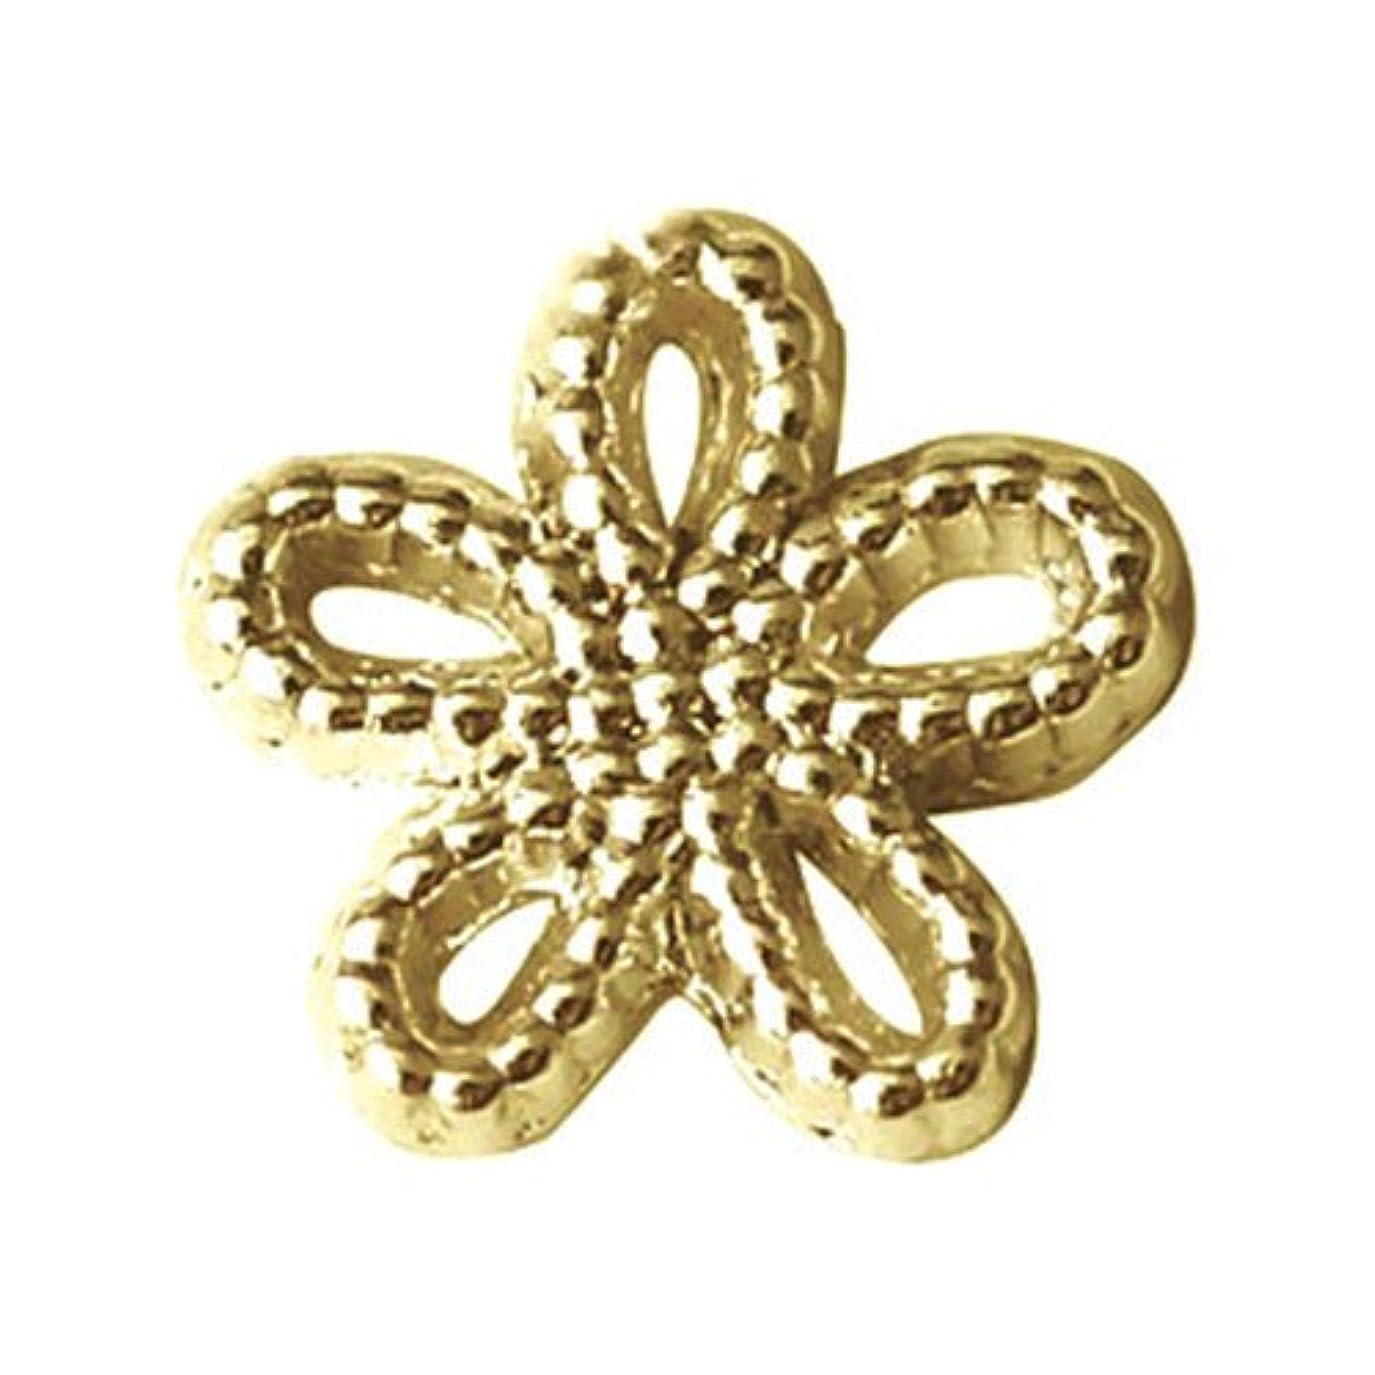 影響力のある登場水銀のプリティーネイル ネイルアートパーツ ブリオンシャイニーフラワーM ゴールド  12個